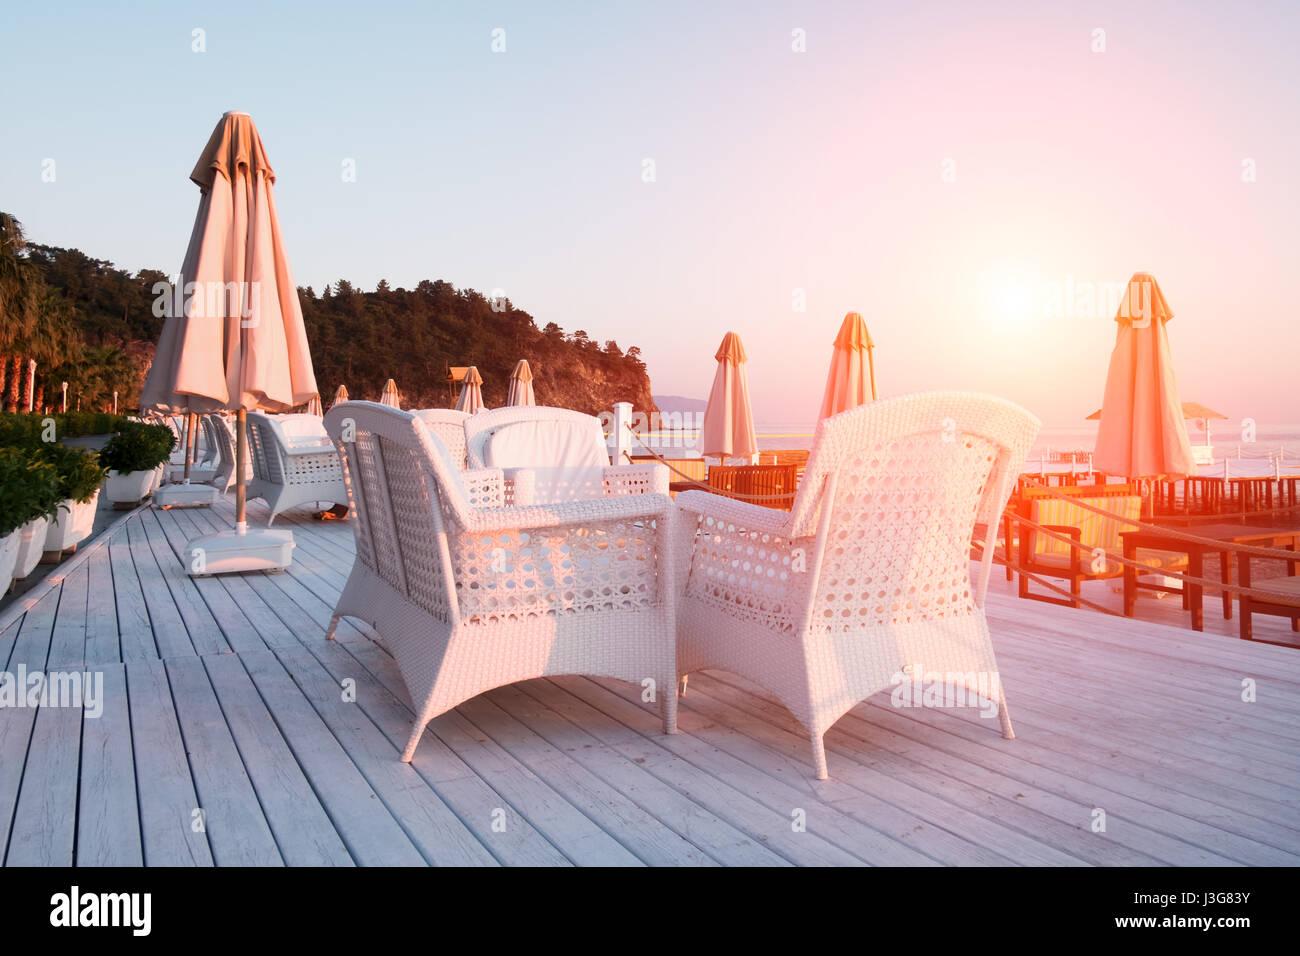 Ristorante estivo sulla spiaggia. Vista mozzafiato sul mar Mediterraneo. Bianco terrazzo in legno e arredo intrecciato Immagini Stock